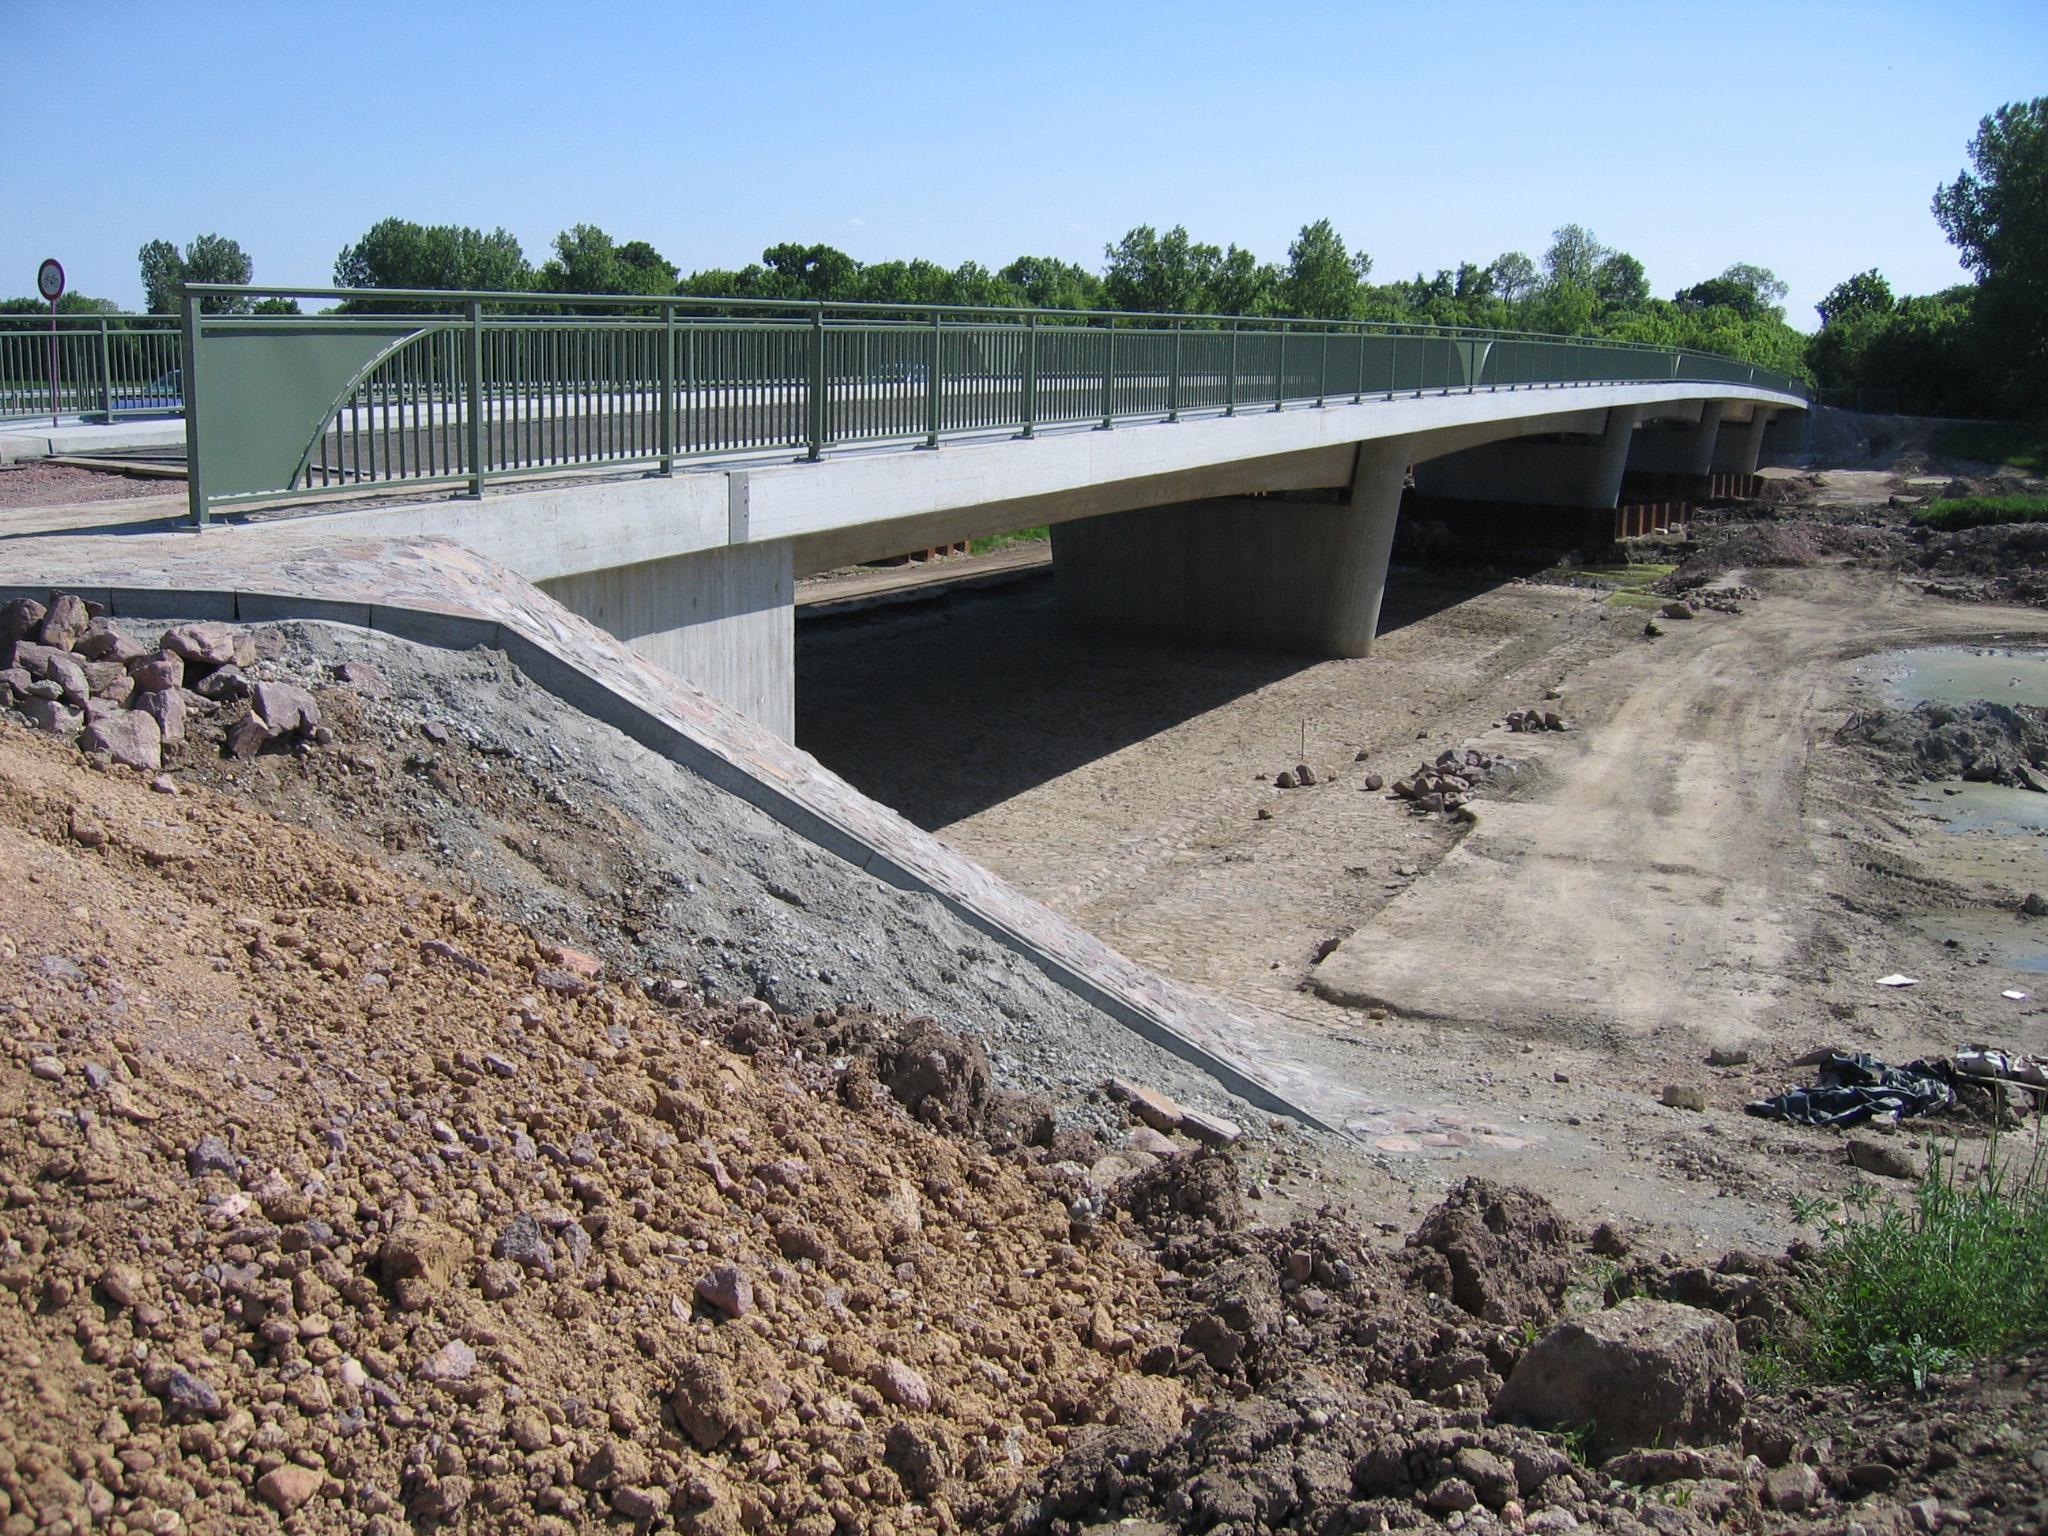 14.05.2008 - Die neue Brücke ist fast fertig